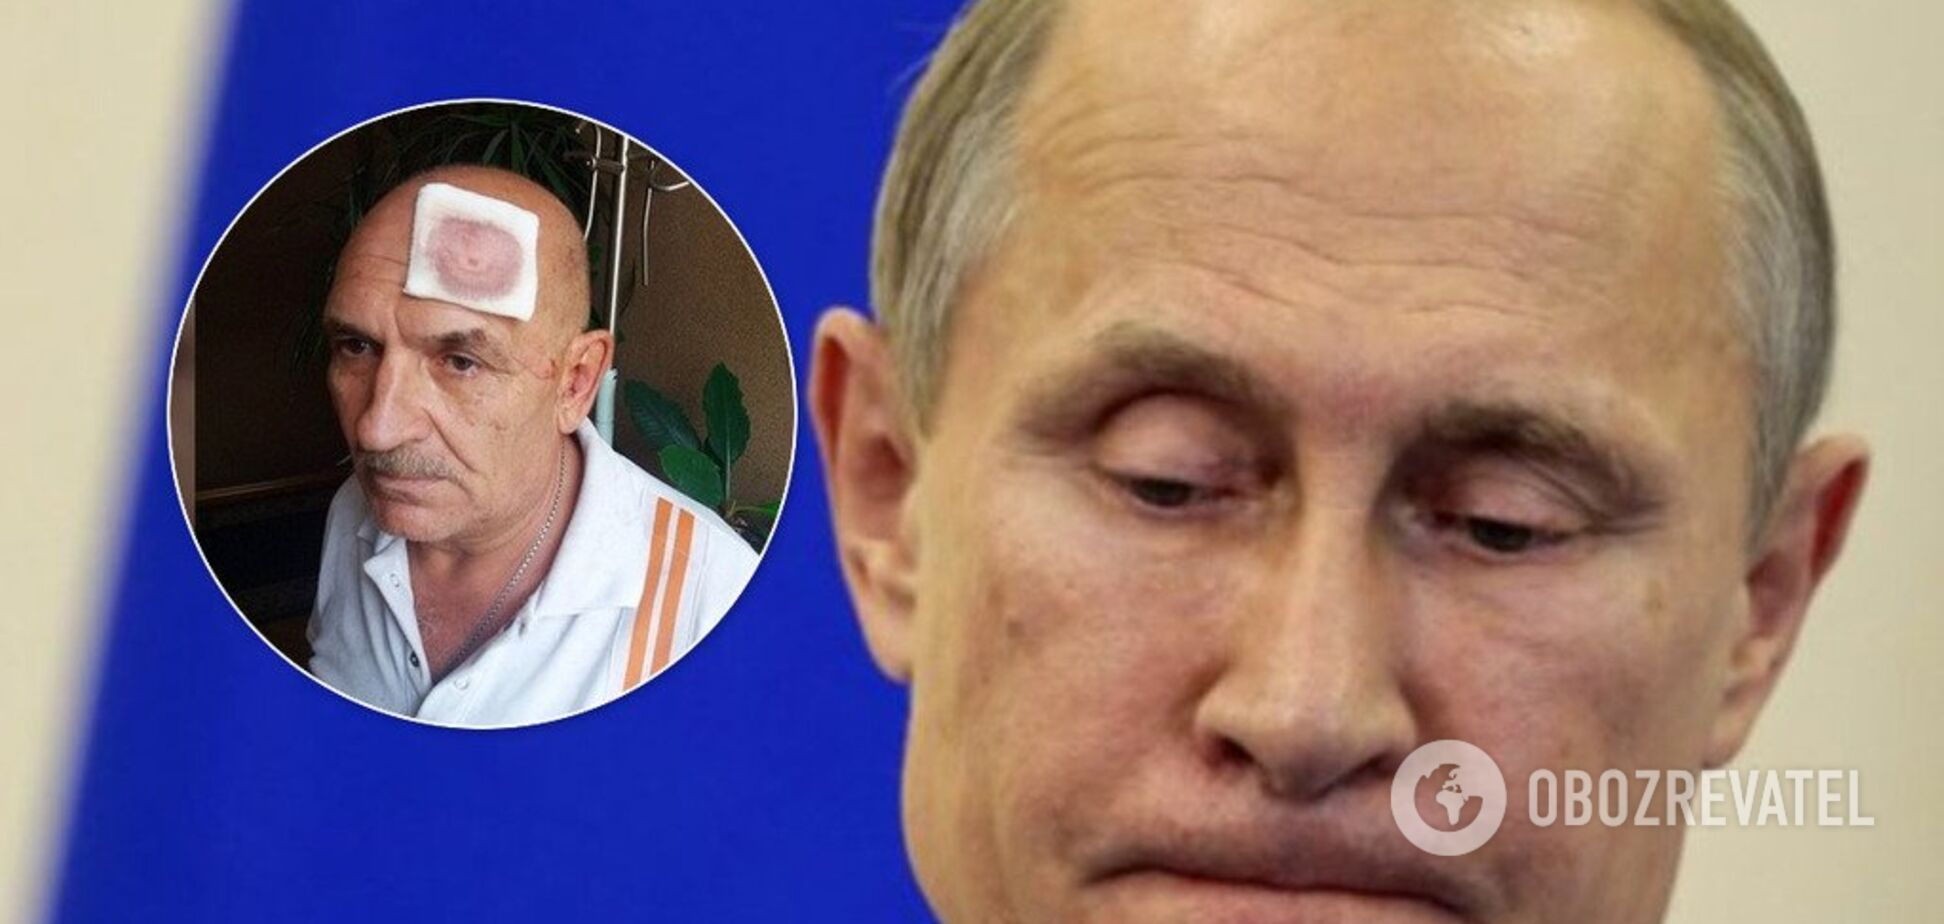 'Цена очень высока': названо имя пленного, которого требует отдать Путин